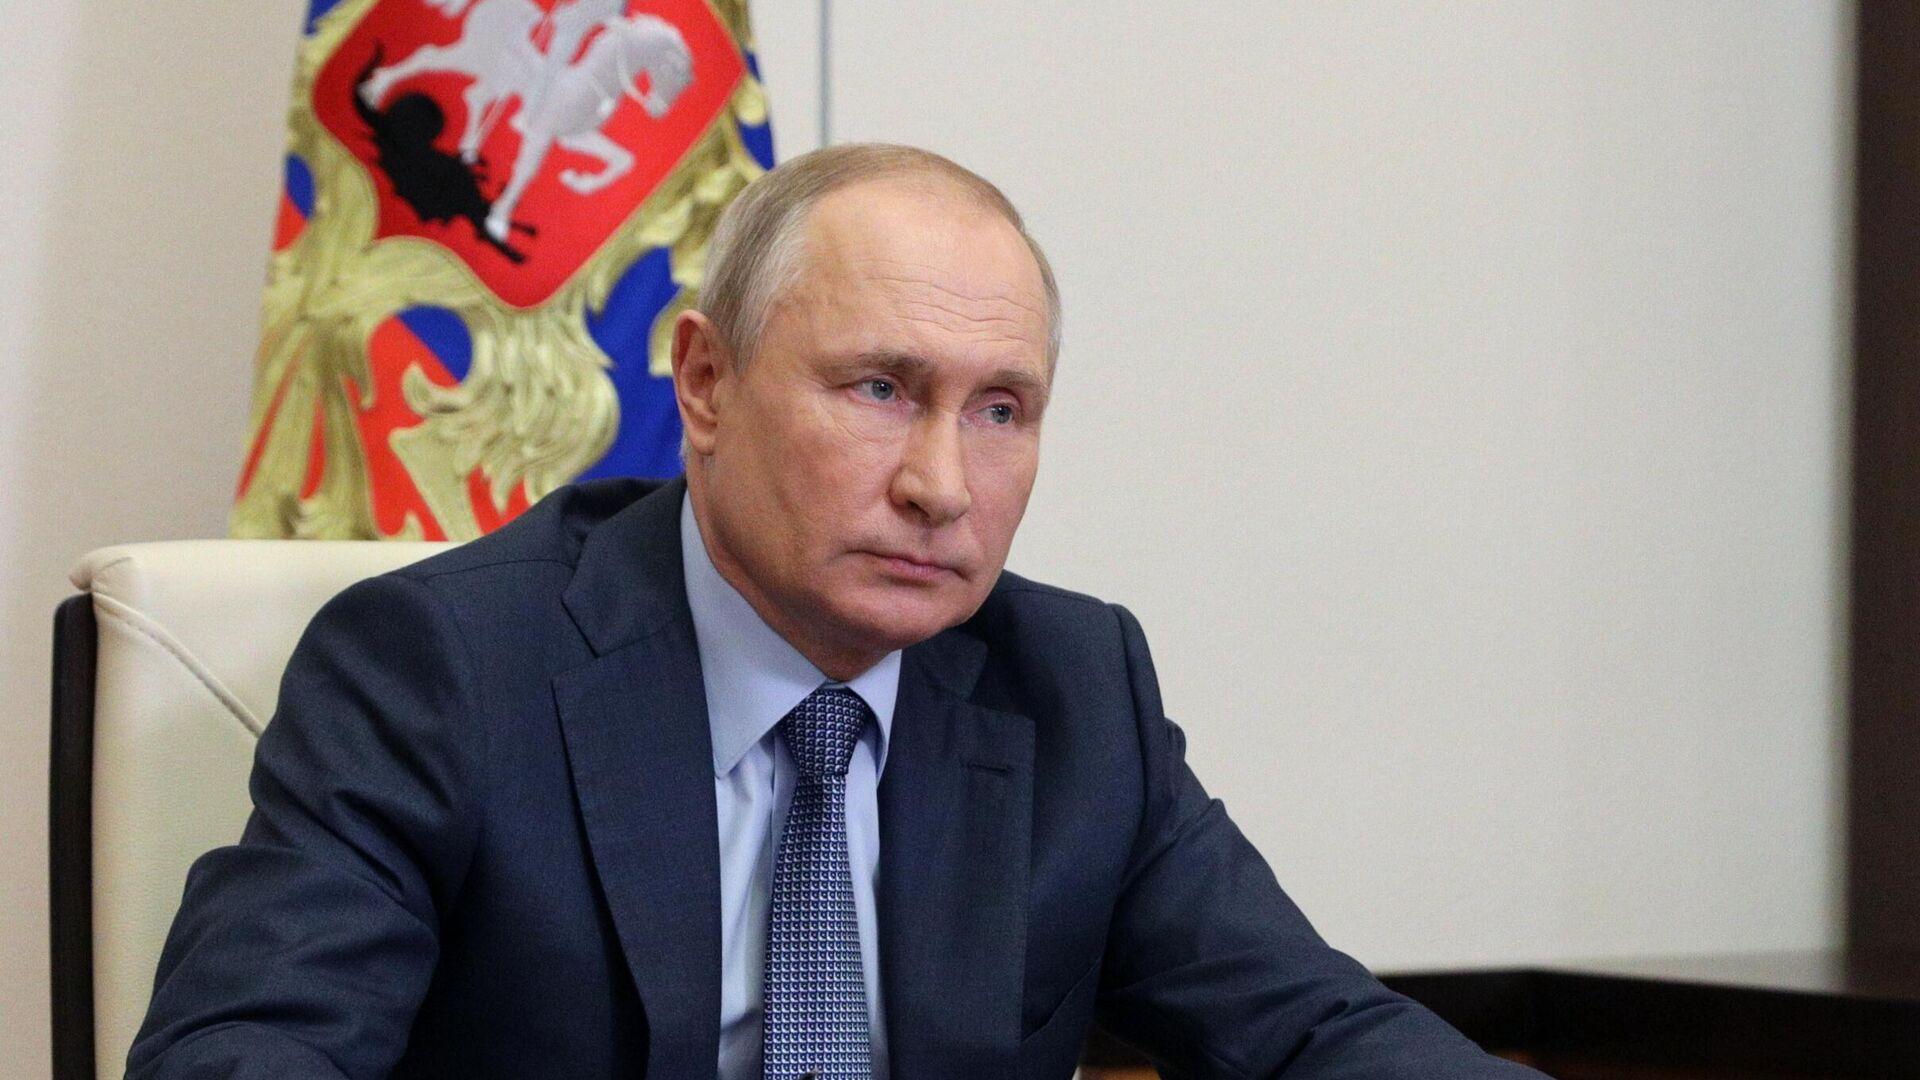 Президент РФ Владимир Путин во время встречи в режиме видеоконференции с представителями социальных организаций - РИА Новости, 1920, 23.06.2021